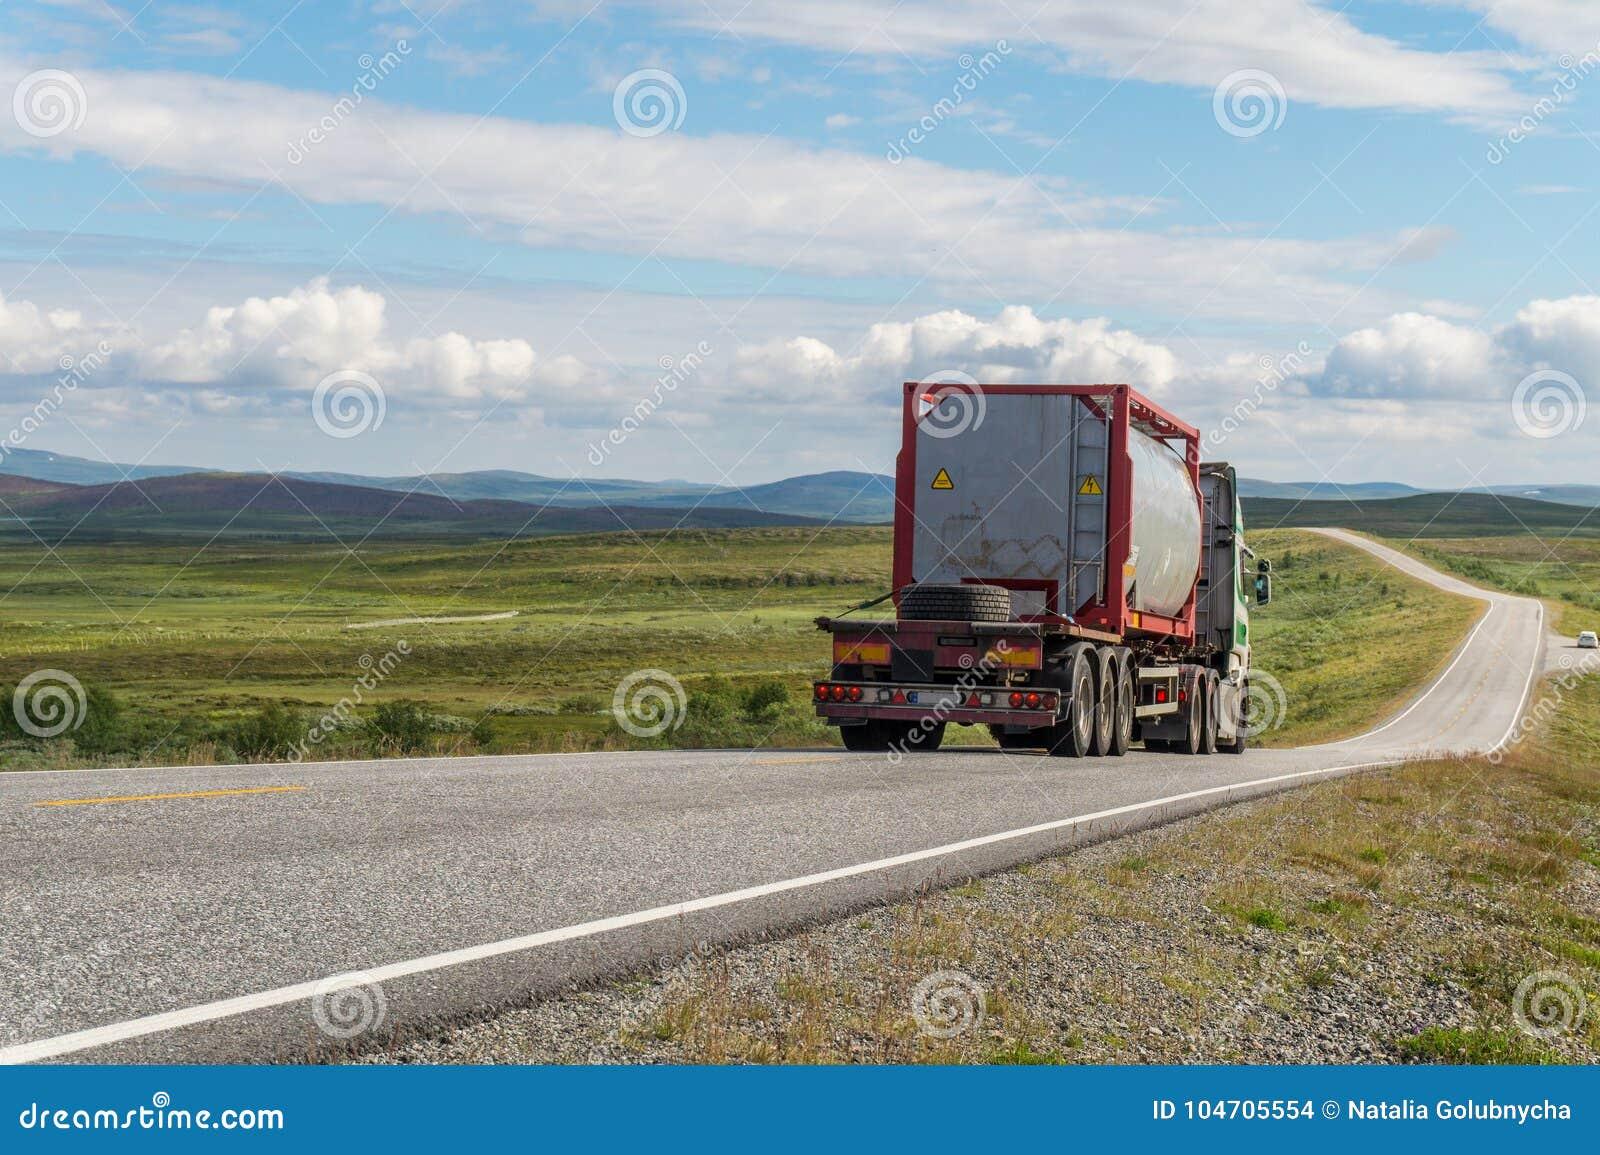 Grande camion cisterna sulla strada su un fondo di un prato verde e delle nuvole